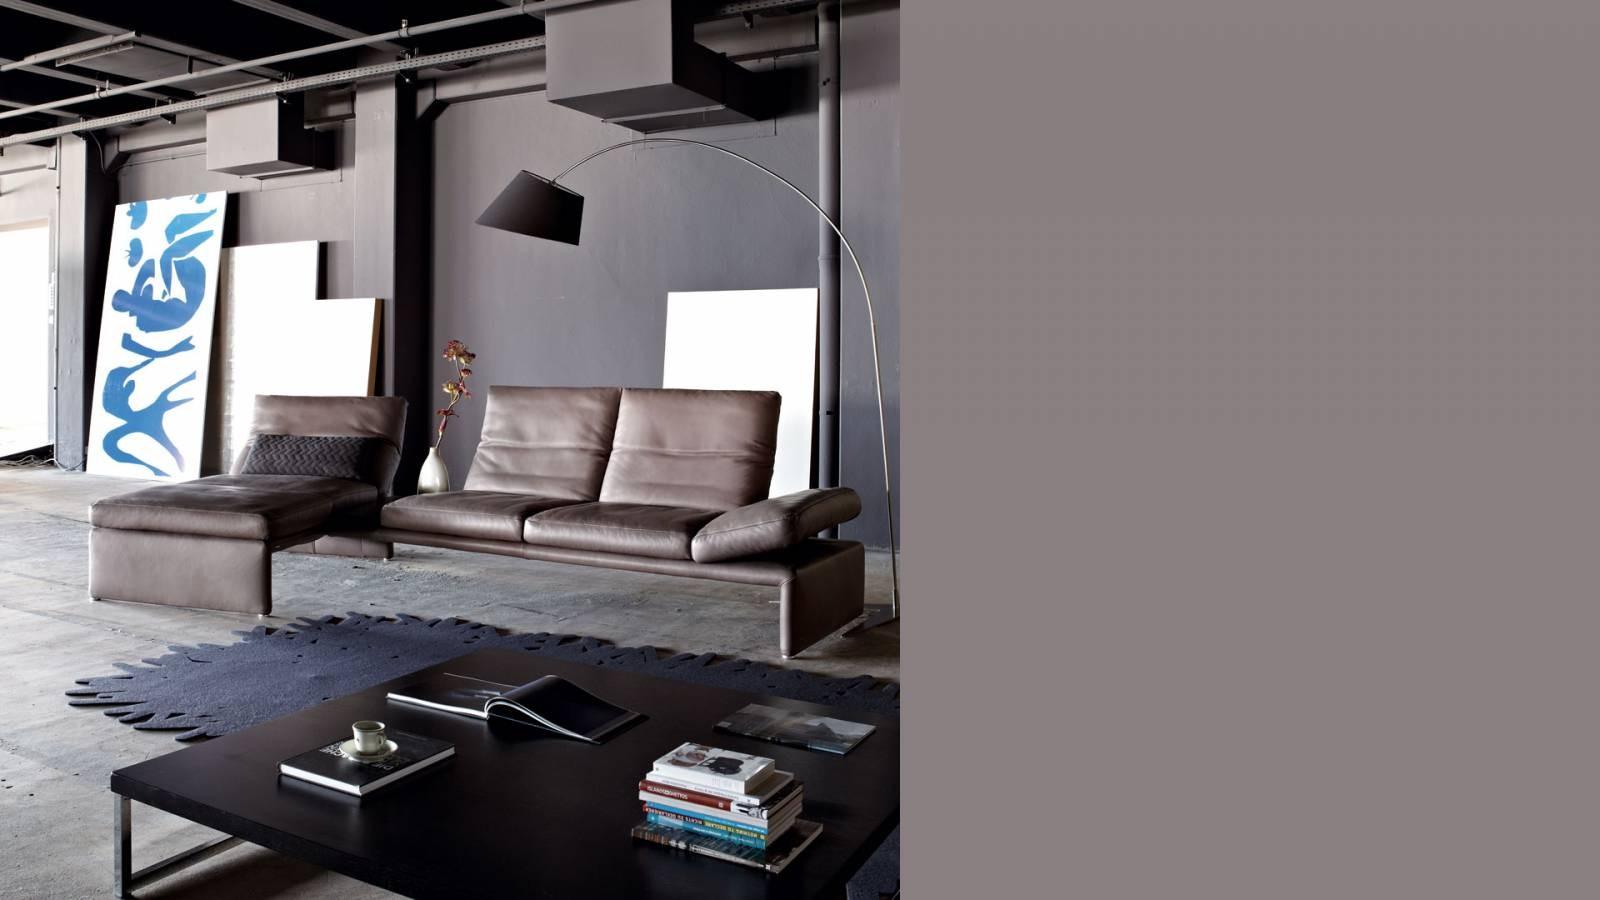 Canapea modernă Koinor Raoul